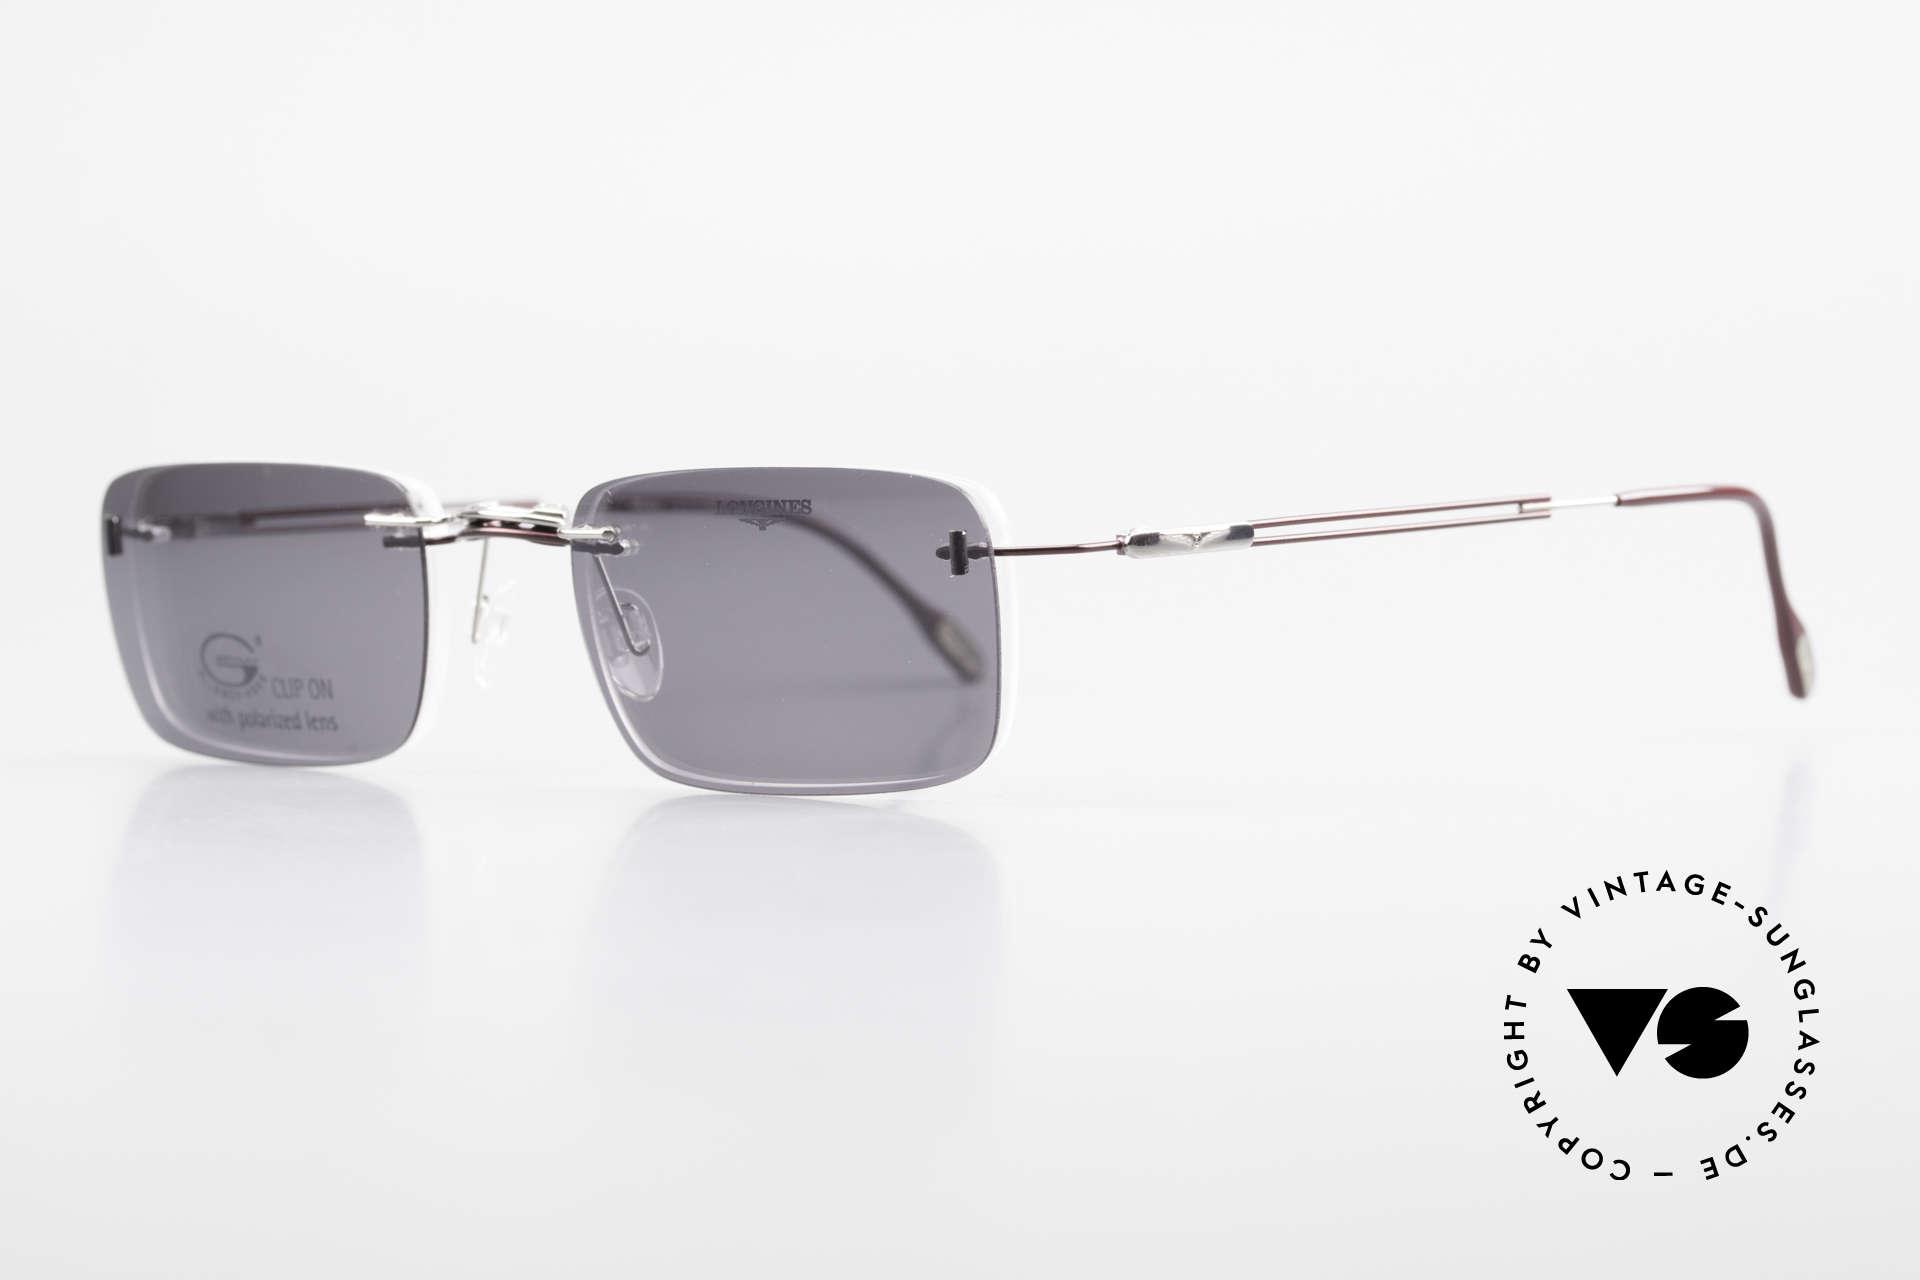 Longines 4367 Randlosbrille Polarisierend, Sonnen-Clip mit POLARisierenden Gläsern (100% UV), Passend für Herren